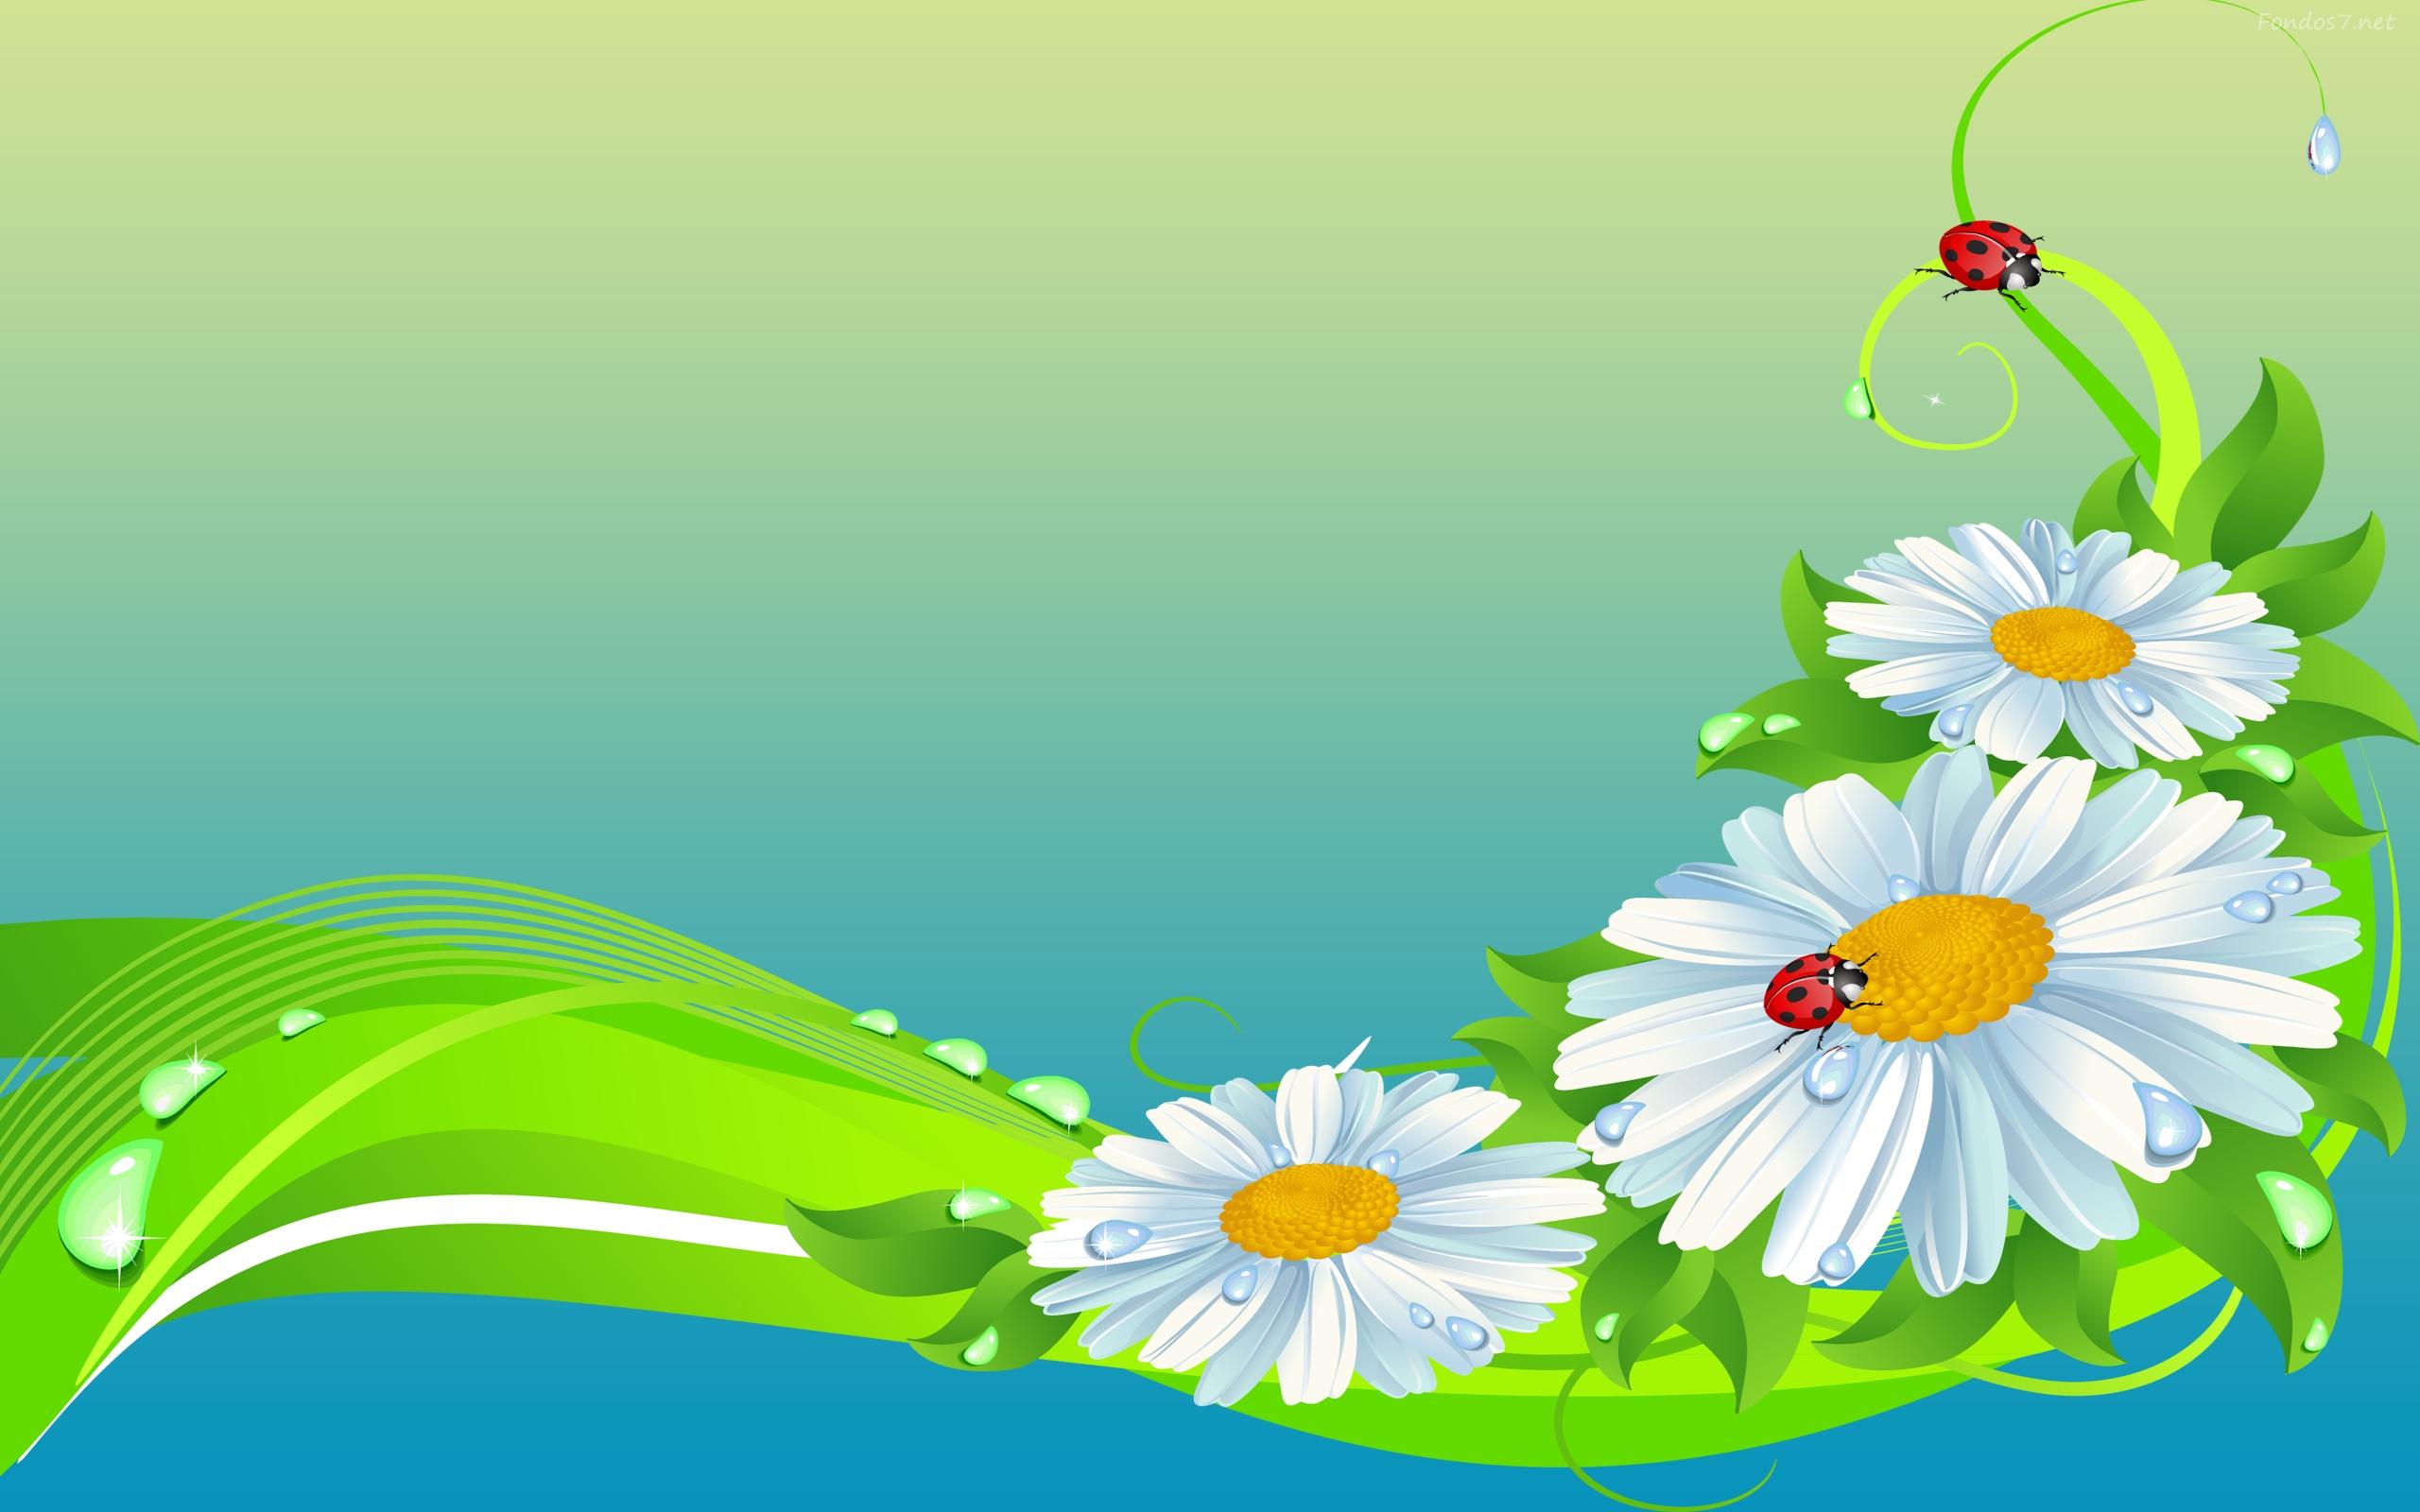 Ladybugs on daisies fondo de pantalla hd fondo de for Fondos de escritorio gratis